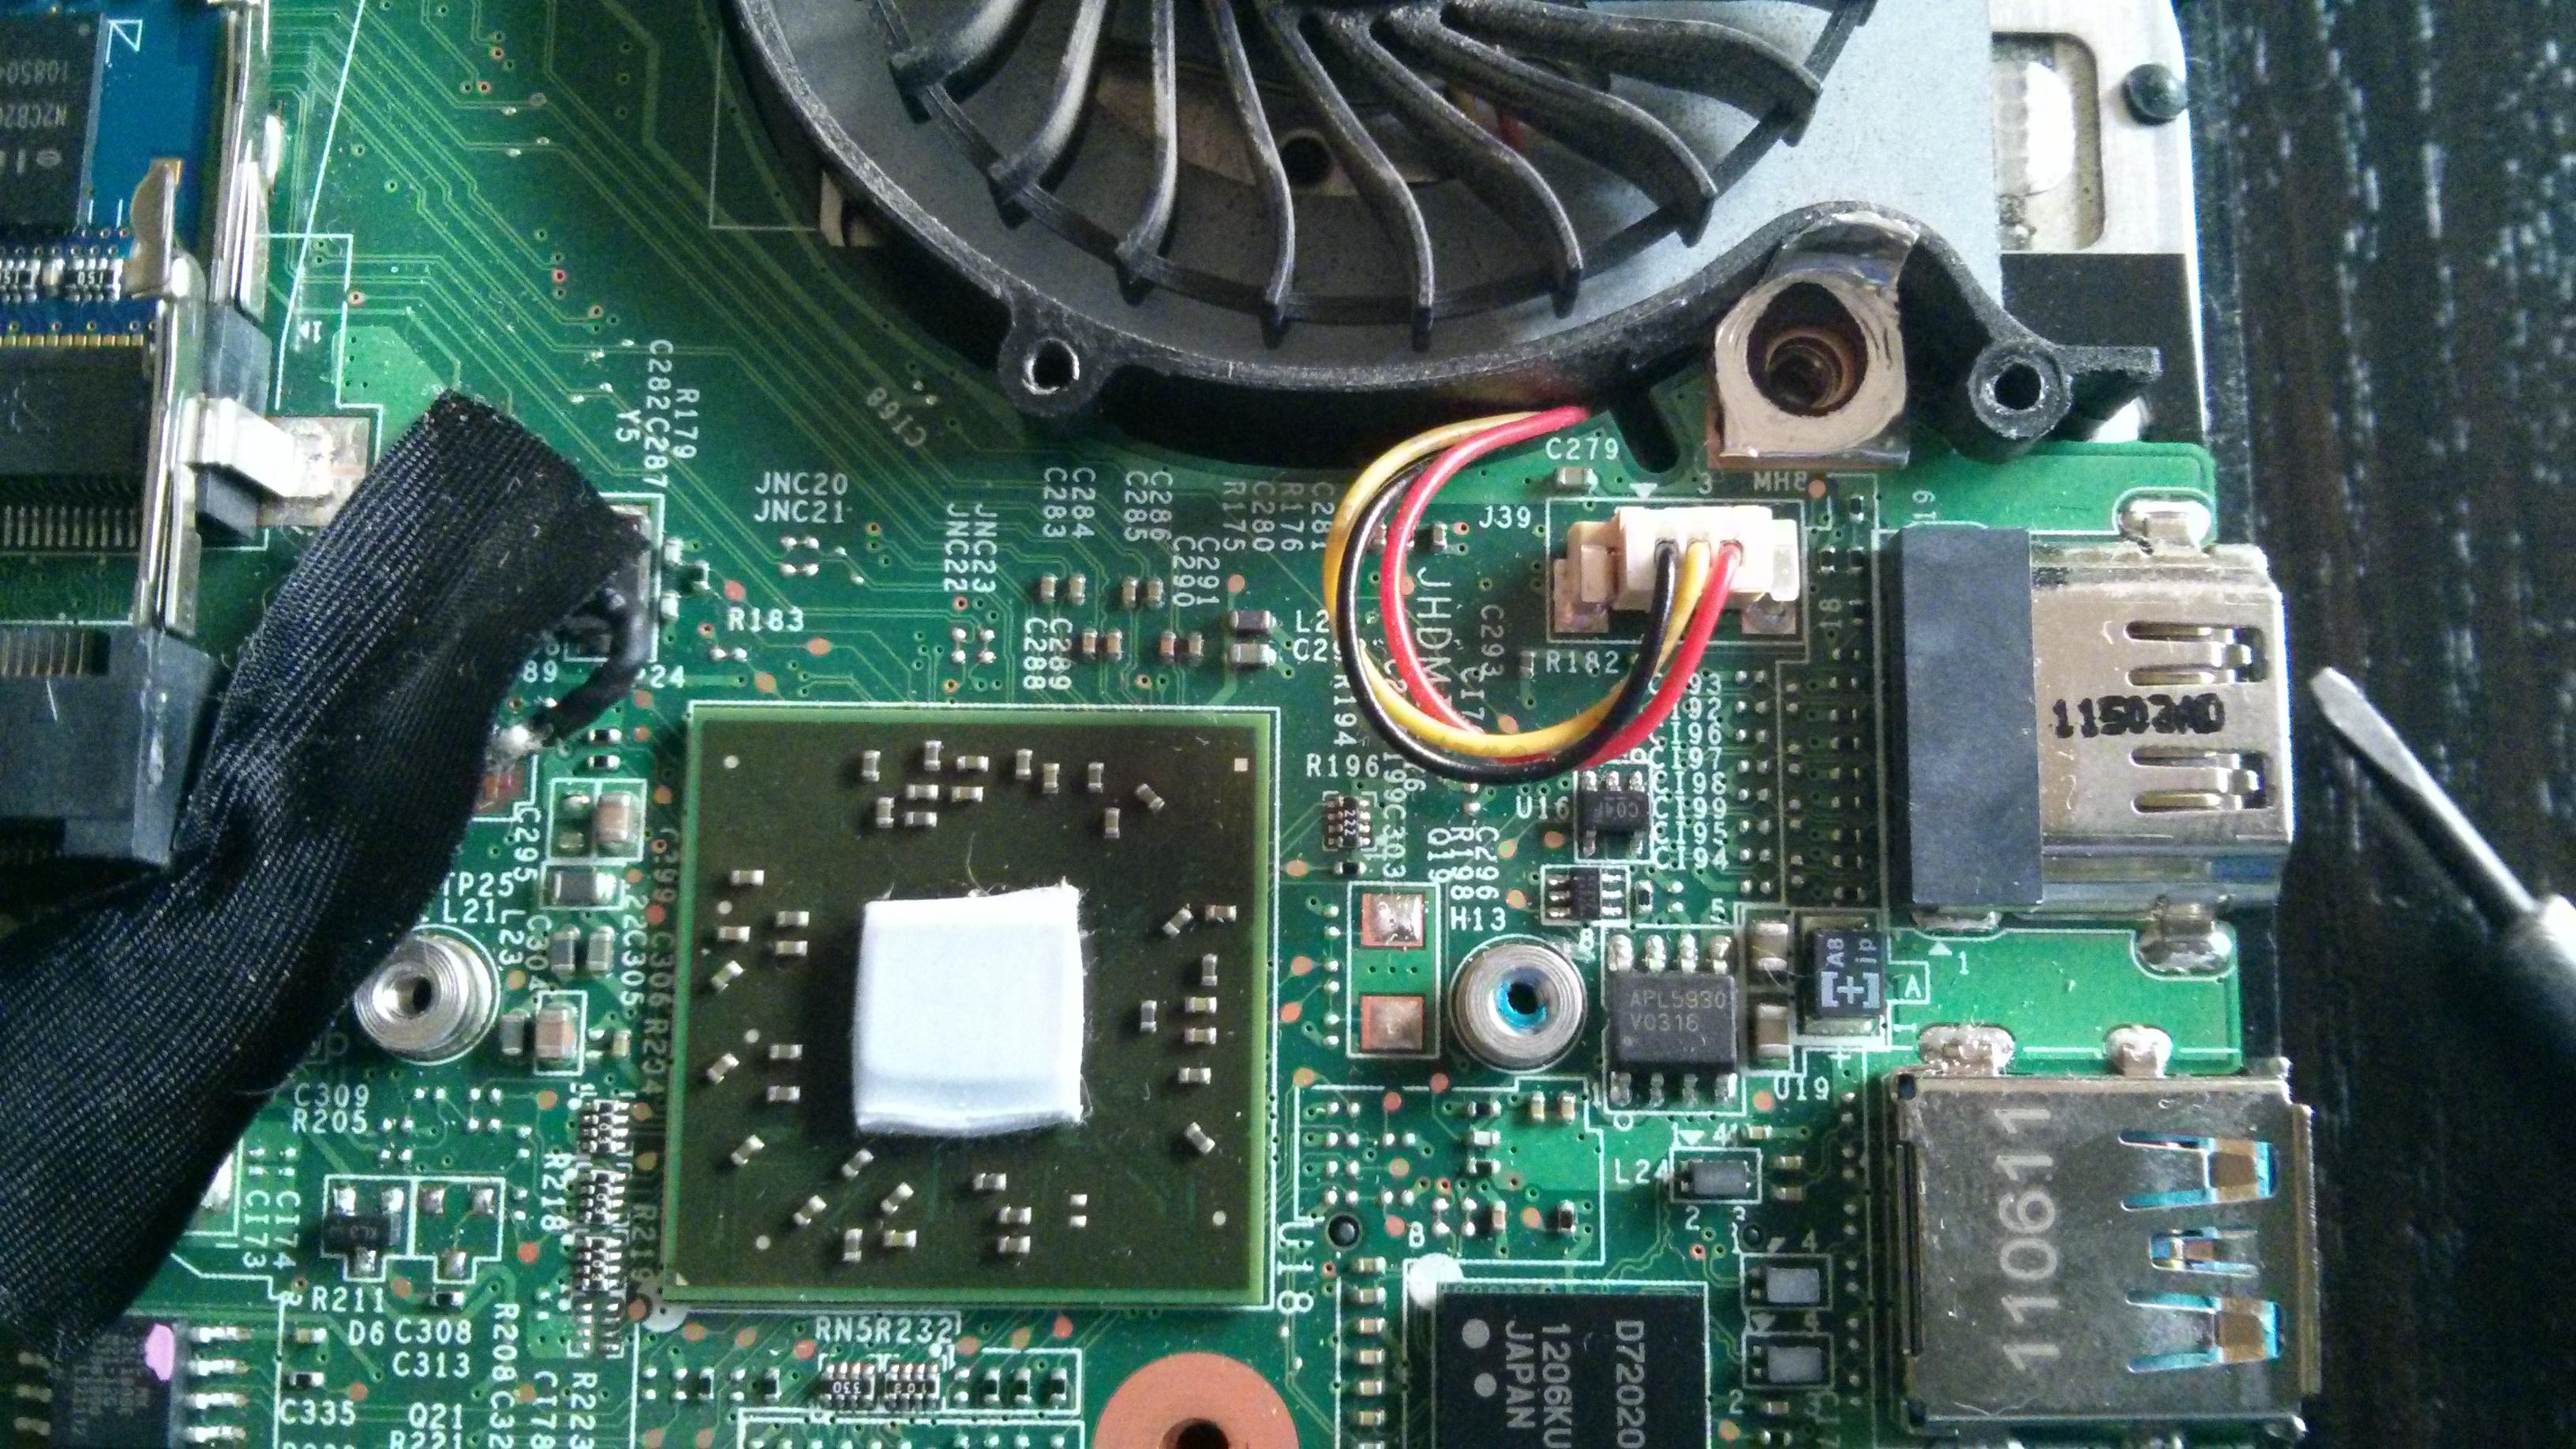 MSI u270 - Pasta czy termopad. Wysokie temperatury podczas pracy.